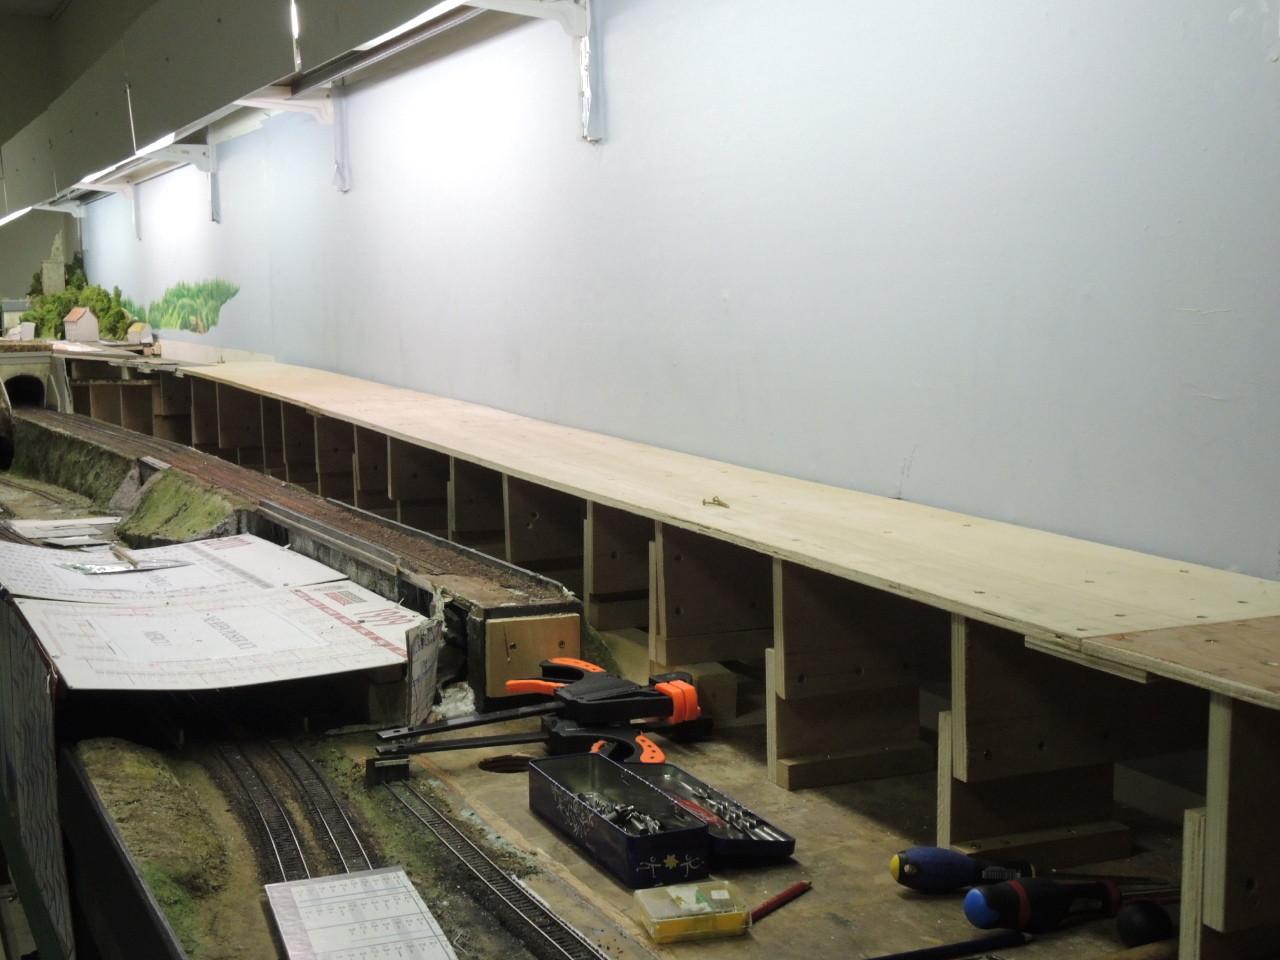 La dernière ligne droite est installée et réglée précisément avec une pente de 2,1 cm par mètre.